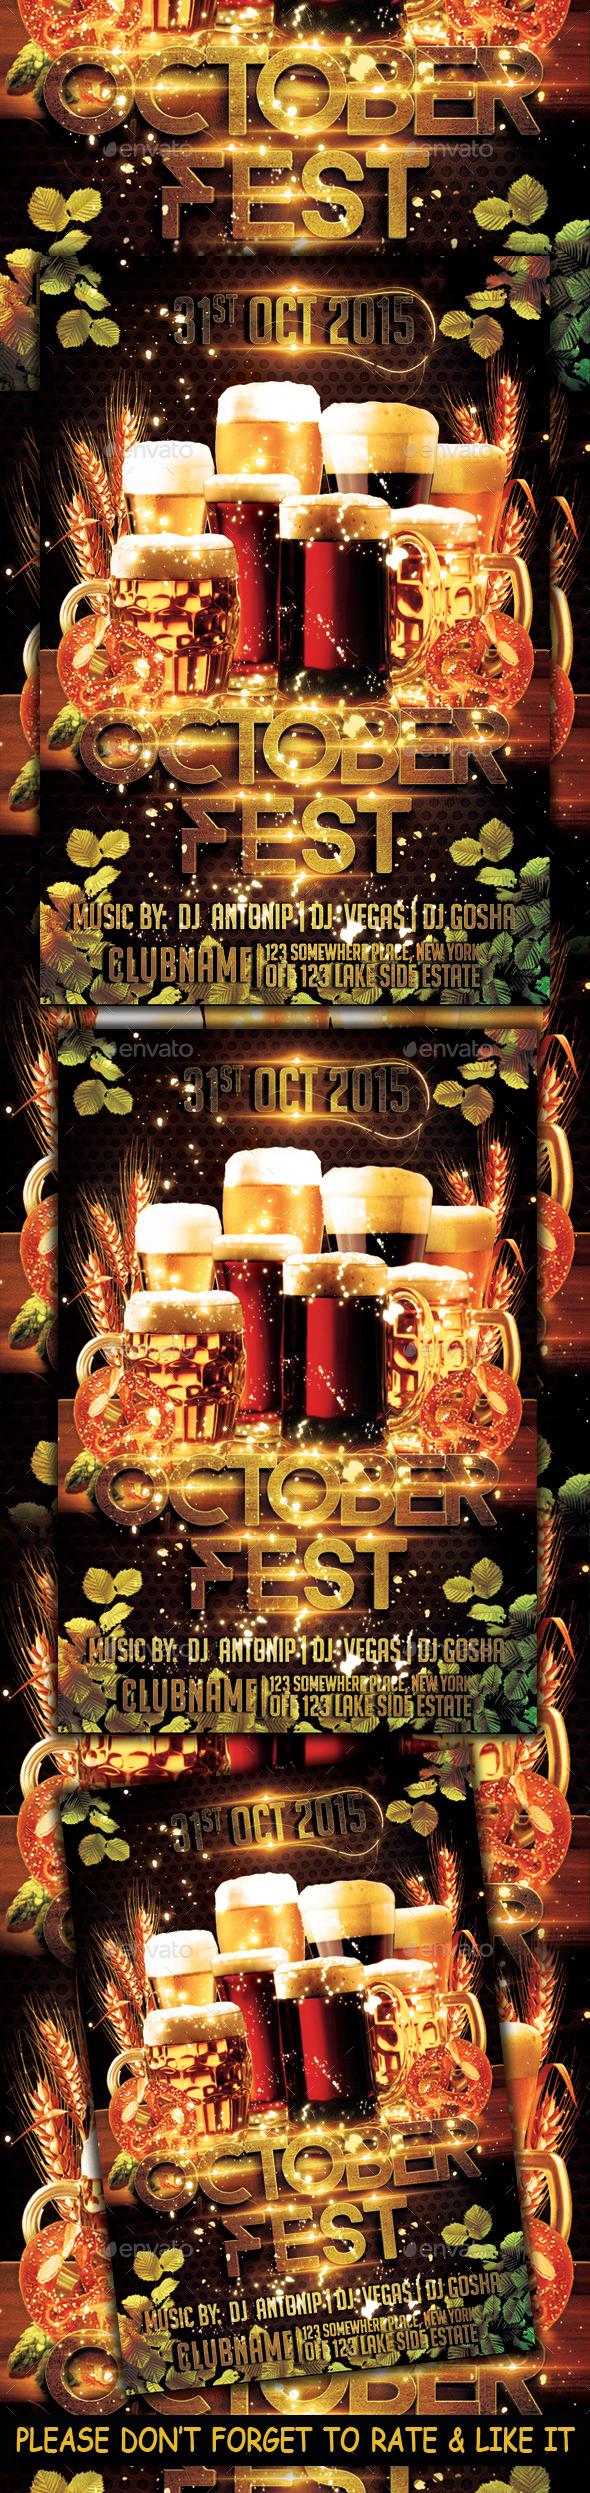 Octoberfest Flyer Template - Flyers Print Templates